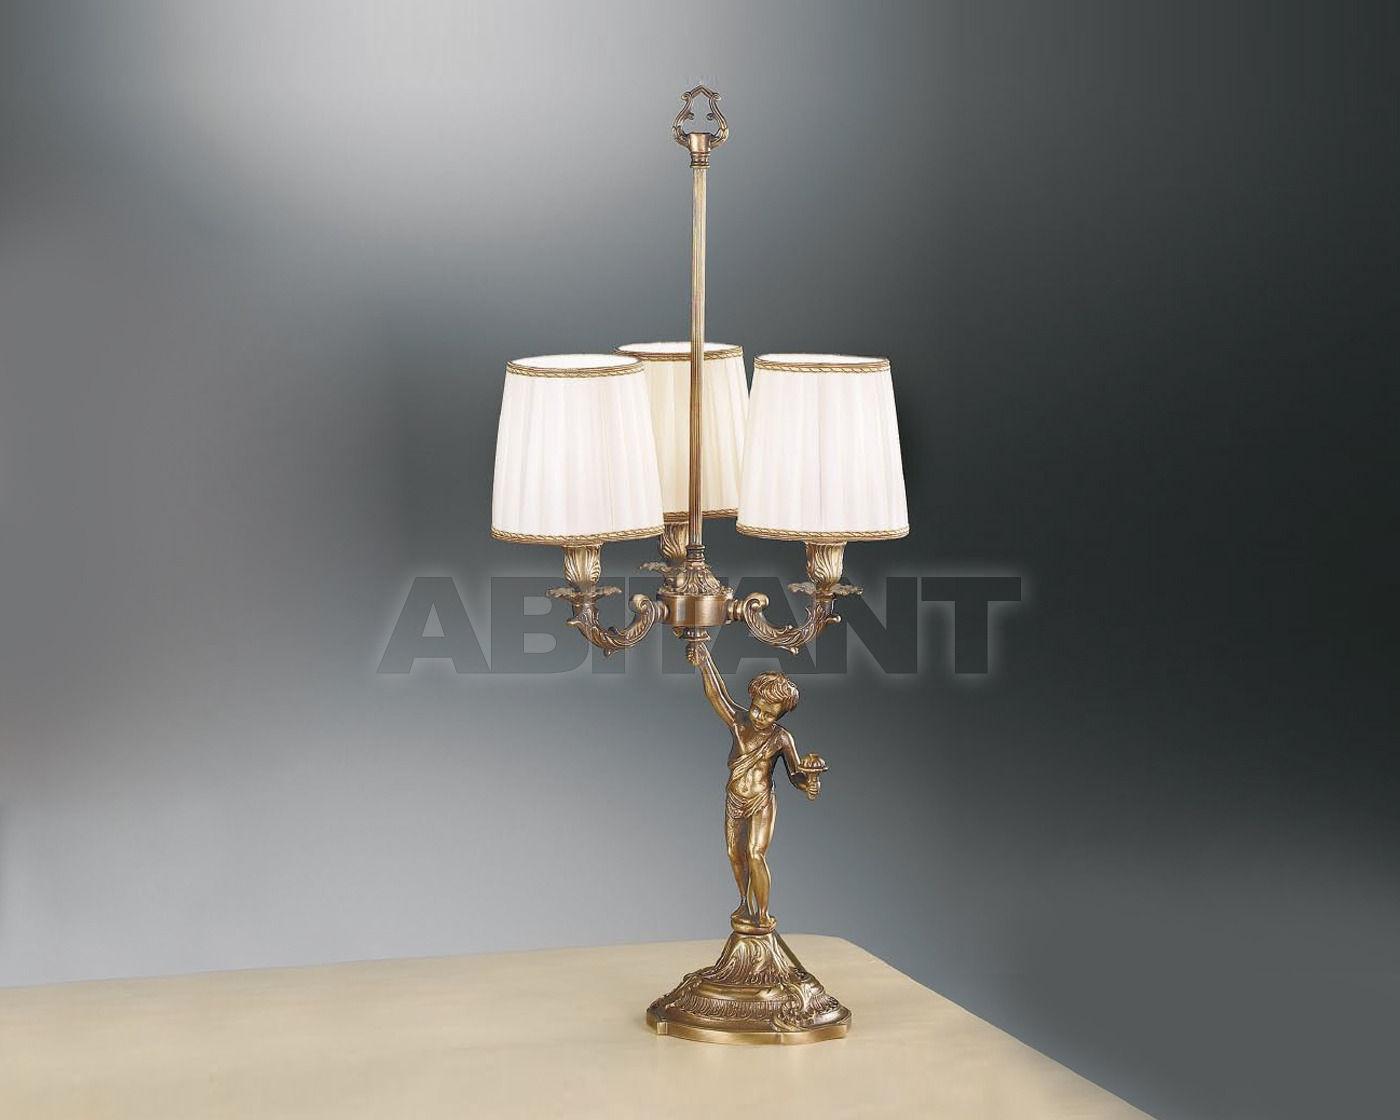 Купить Лампа настольная Nervilamp Snc Nervilamp 2013 C2080/3